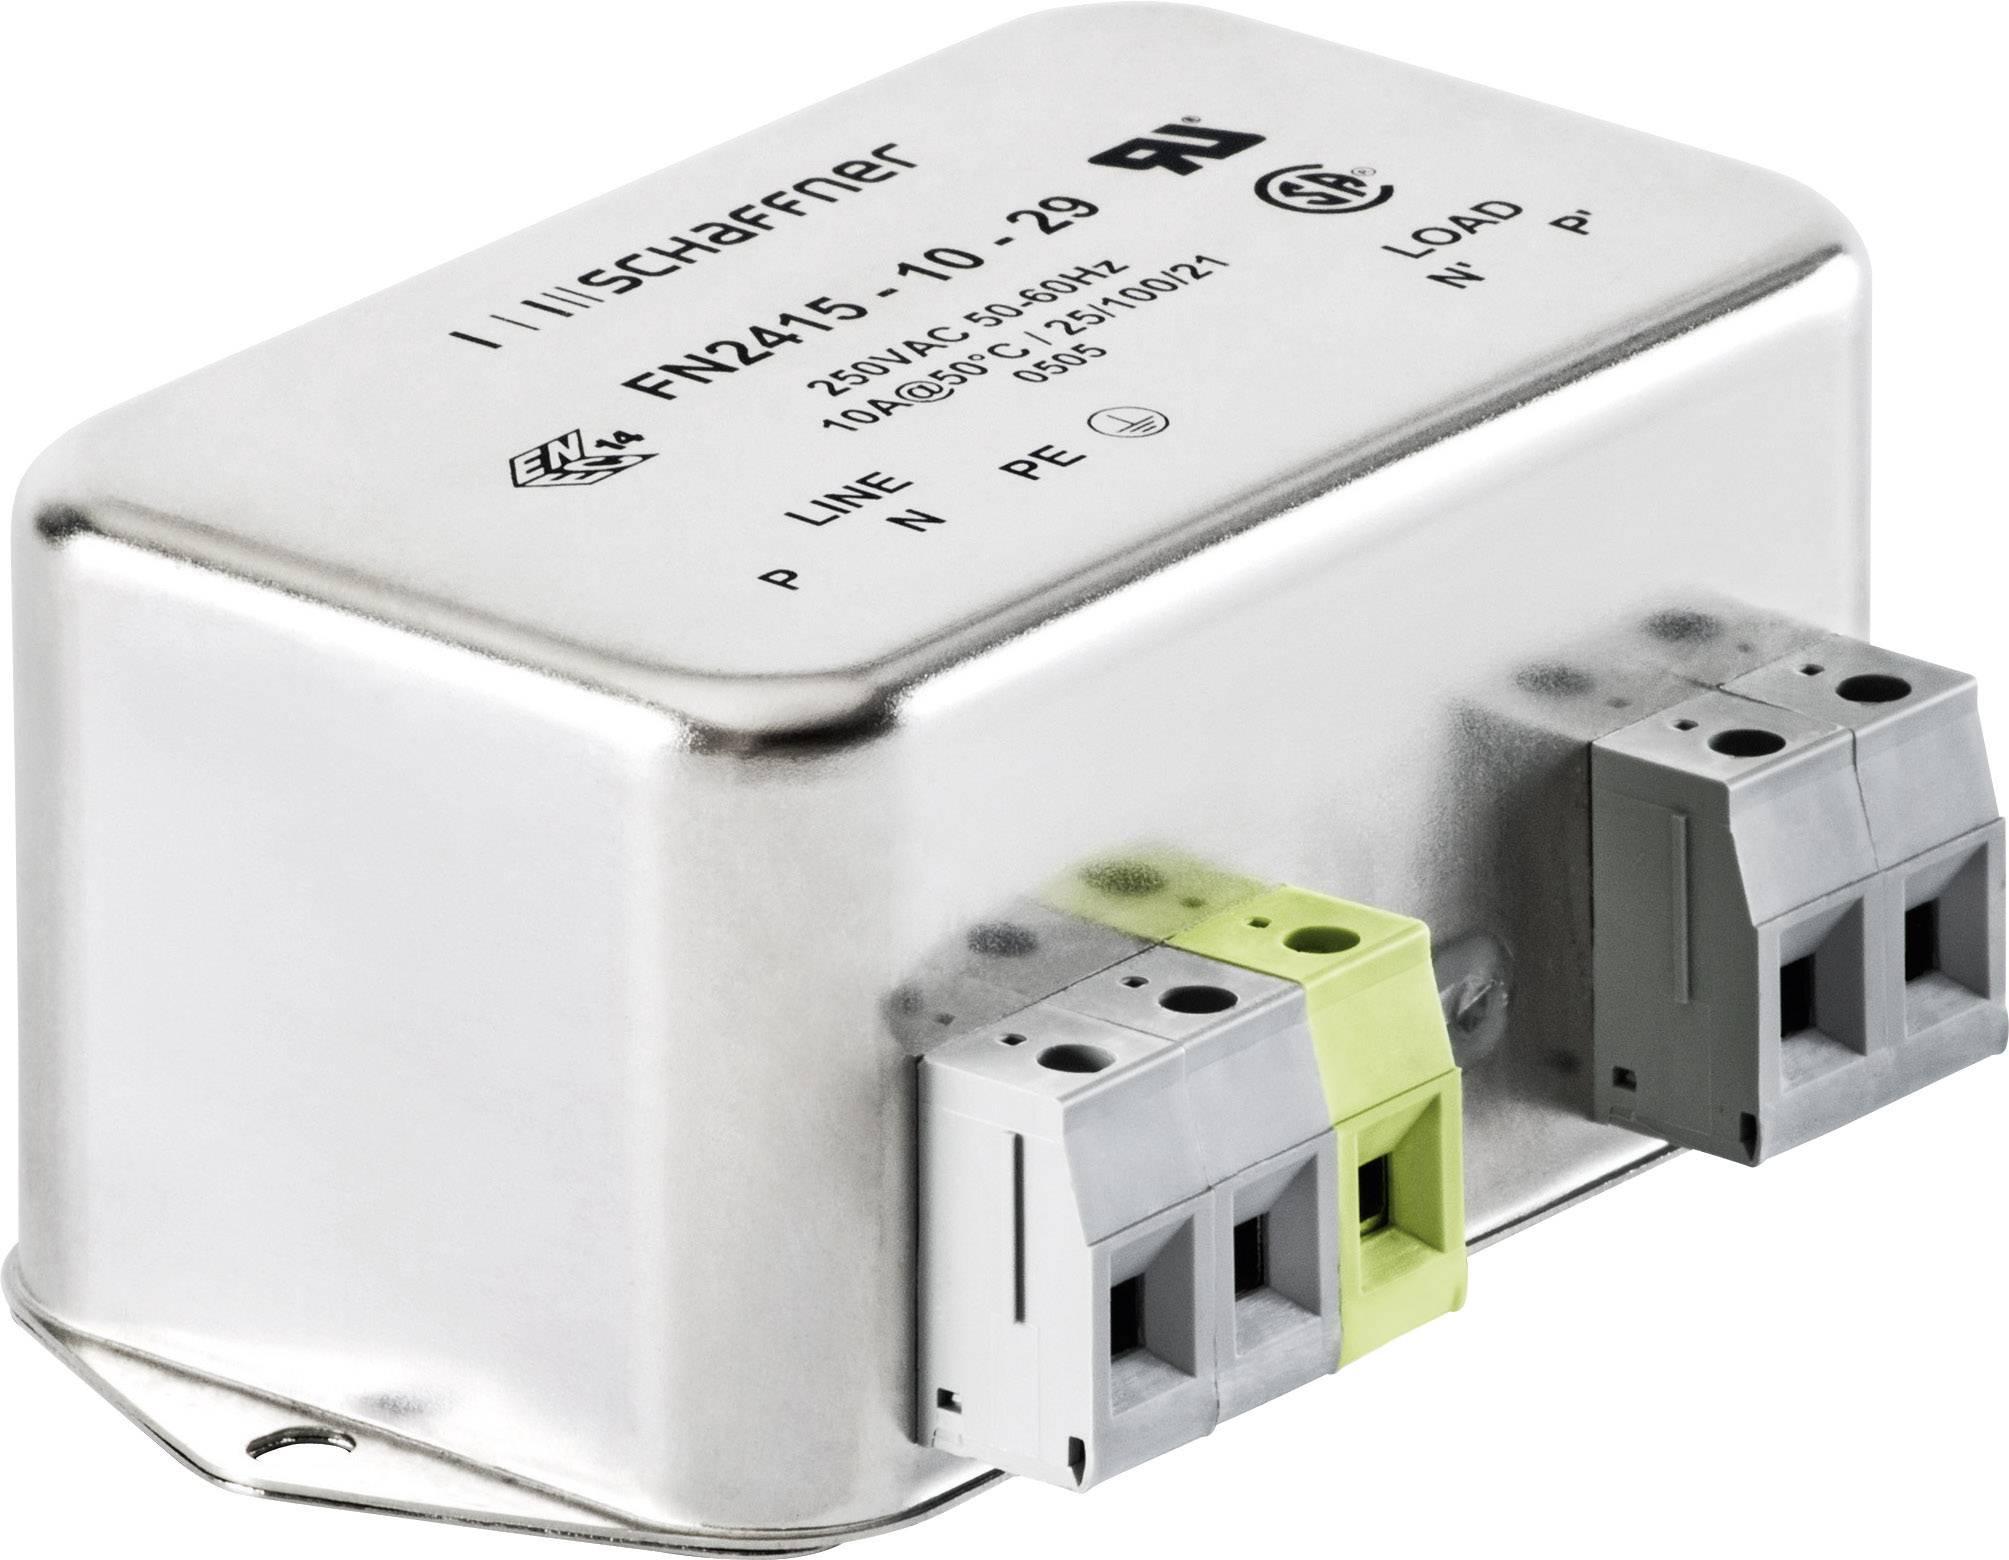 Jednofázový síťový filtr Schaffner, FN2415-10-29, 250 V/AC, 10 A